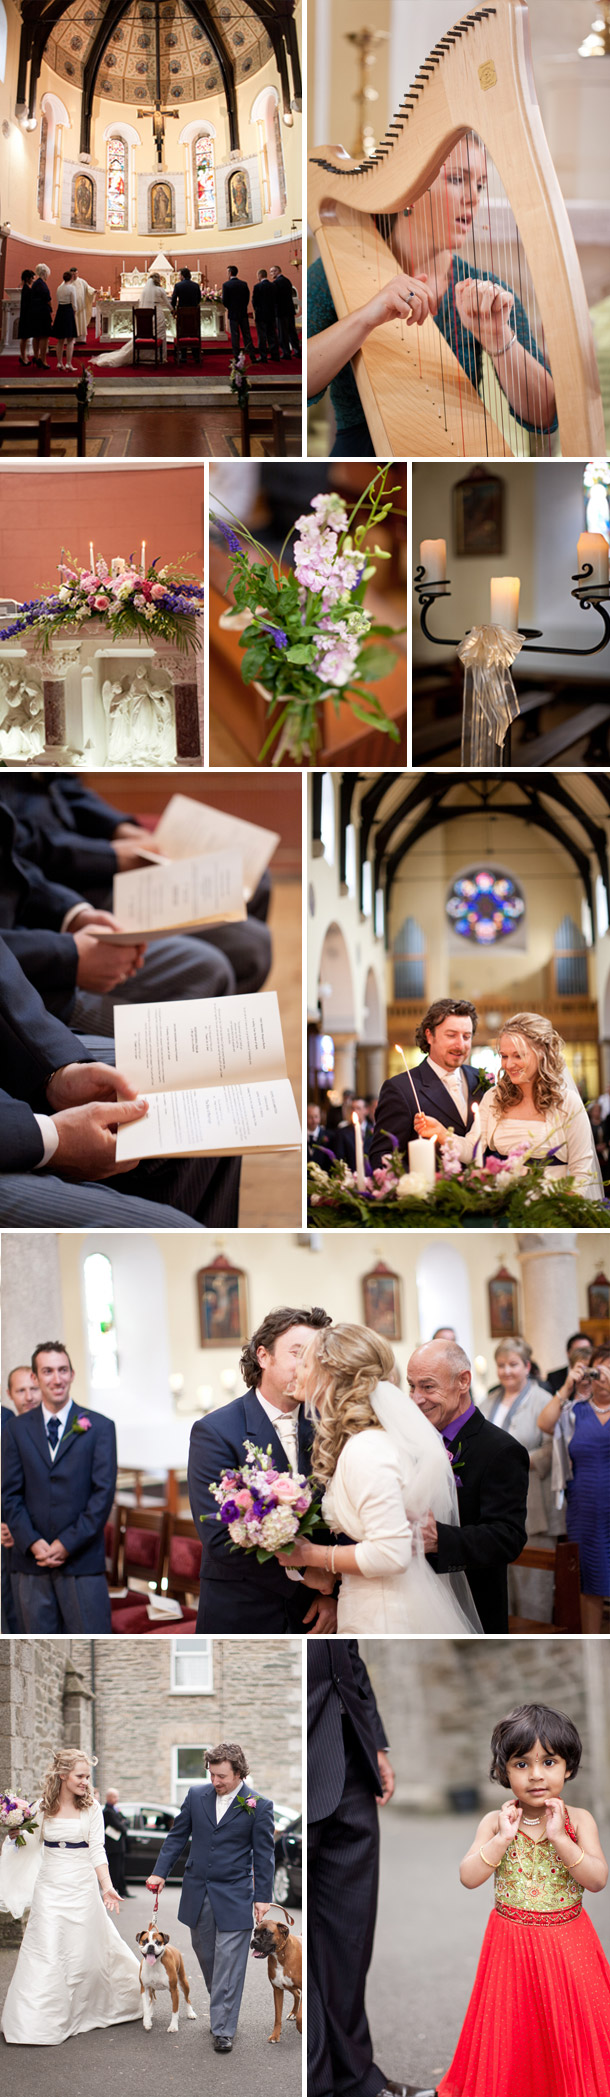 Österreichisch-Irische Hochzeit bei Lisa O'Dwyer Photography